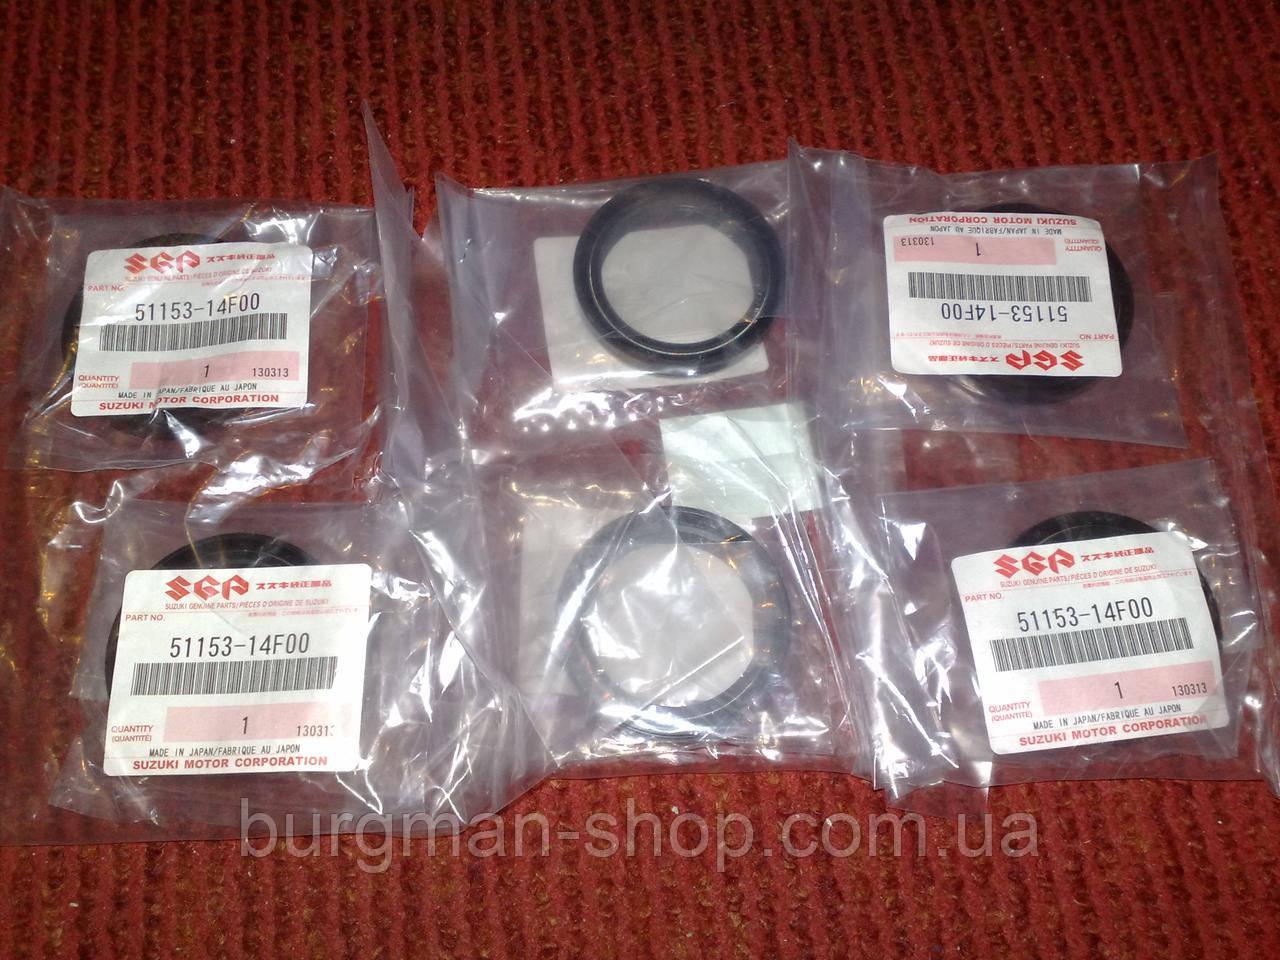 Сальник в вилку 400/650сс Suzuki Burgman SkyWave 51153-14F00